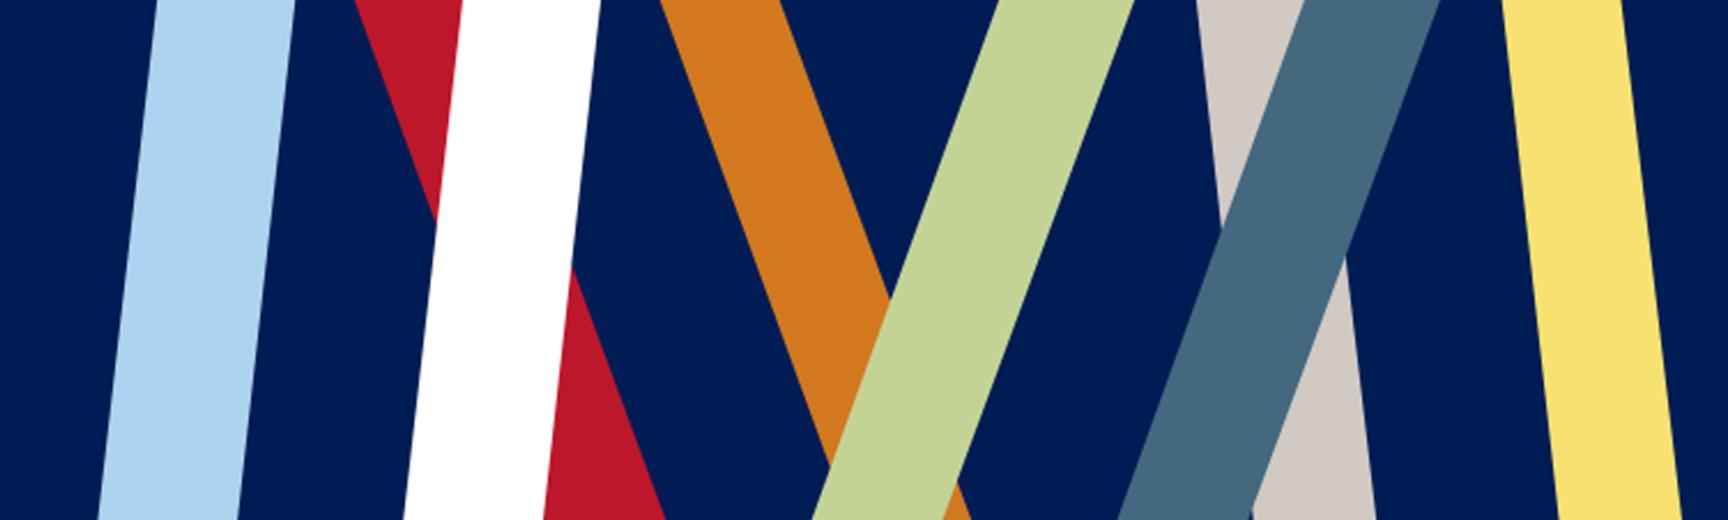 Meeting Minds logo